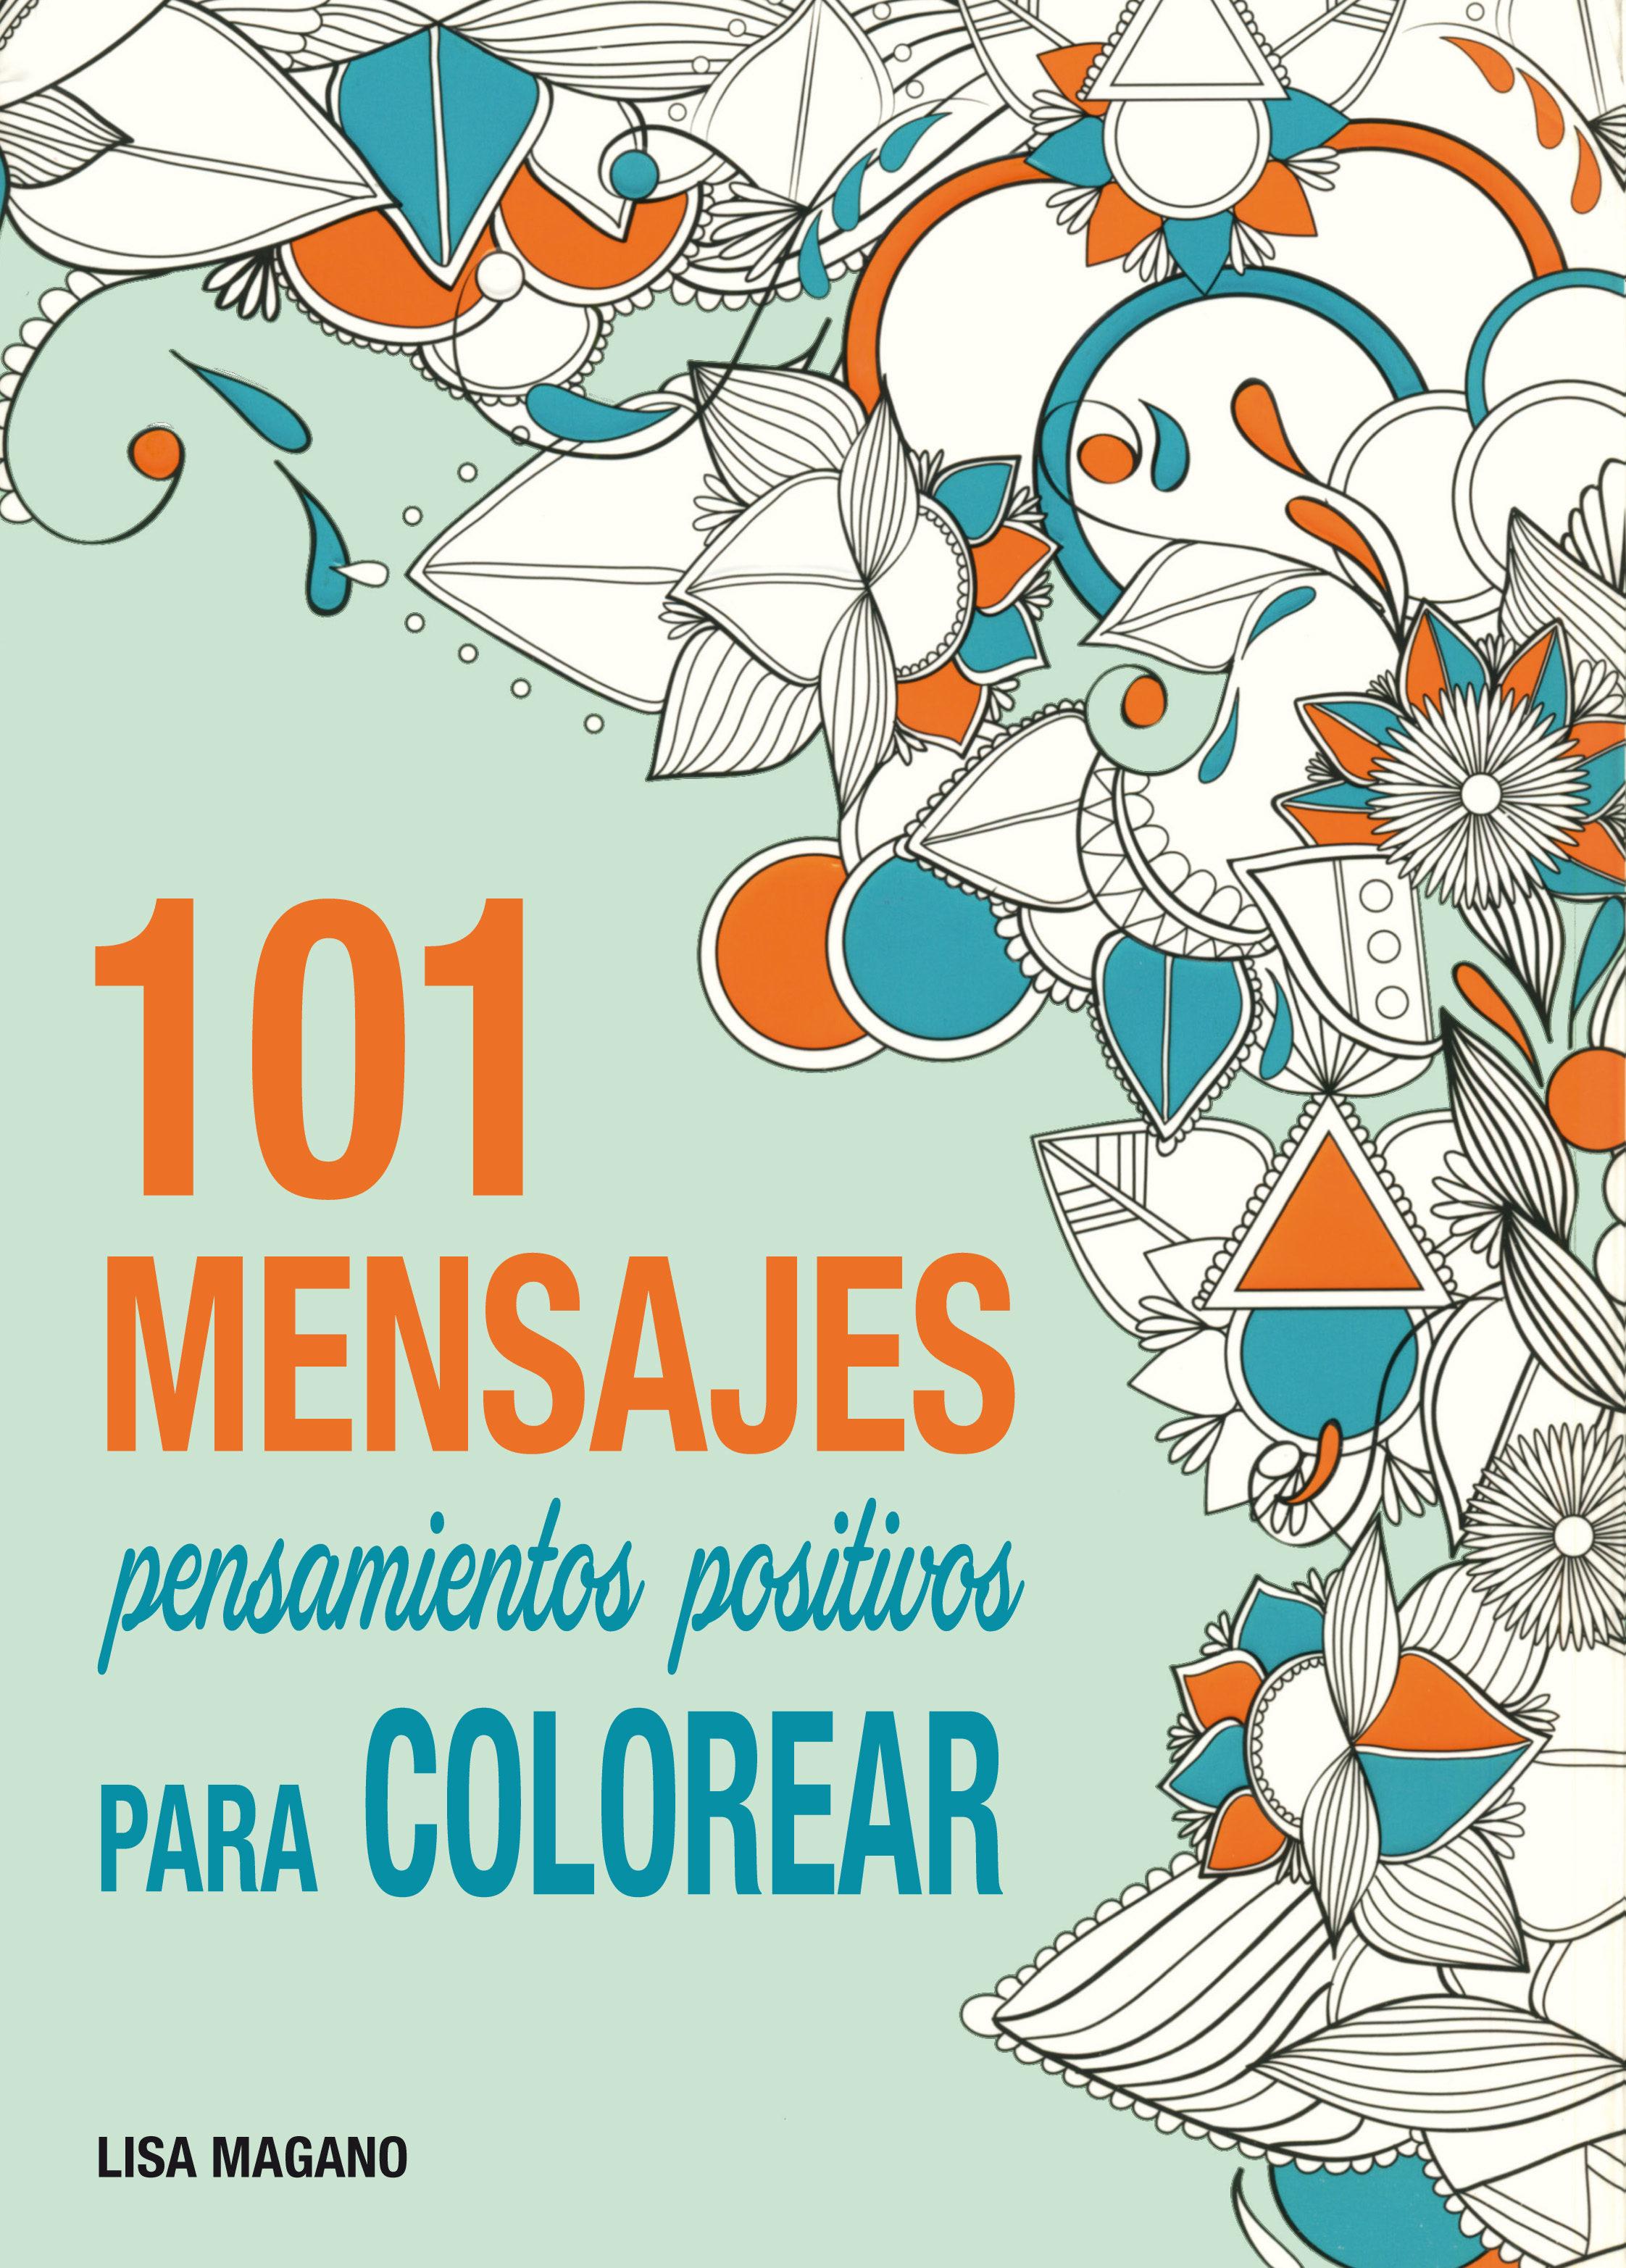 101 MENSAJES PARA COLOREAR   LISA MAGANO   Comprar libro 9788441435636